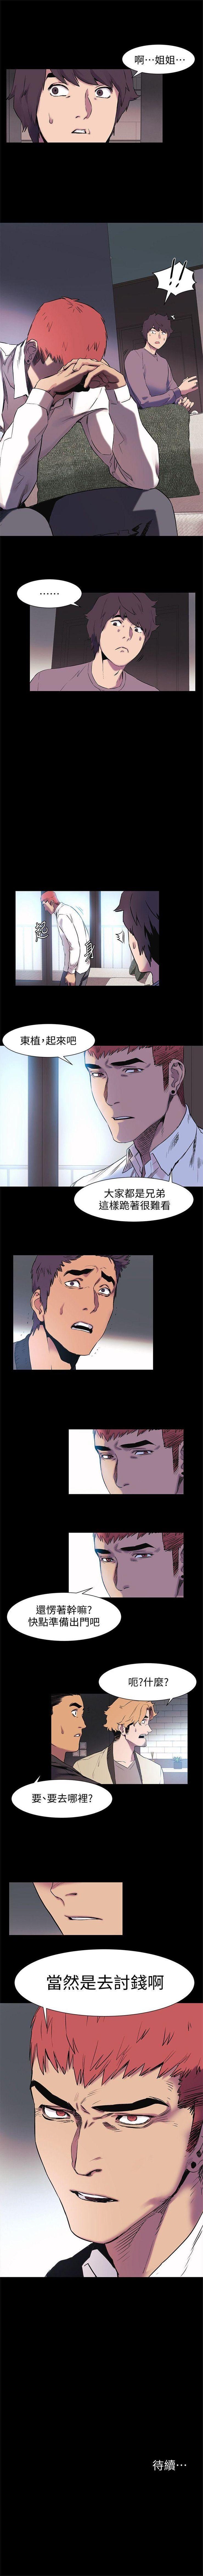 (週5)衝突 1-91 中文翻譯 (更新中) 230